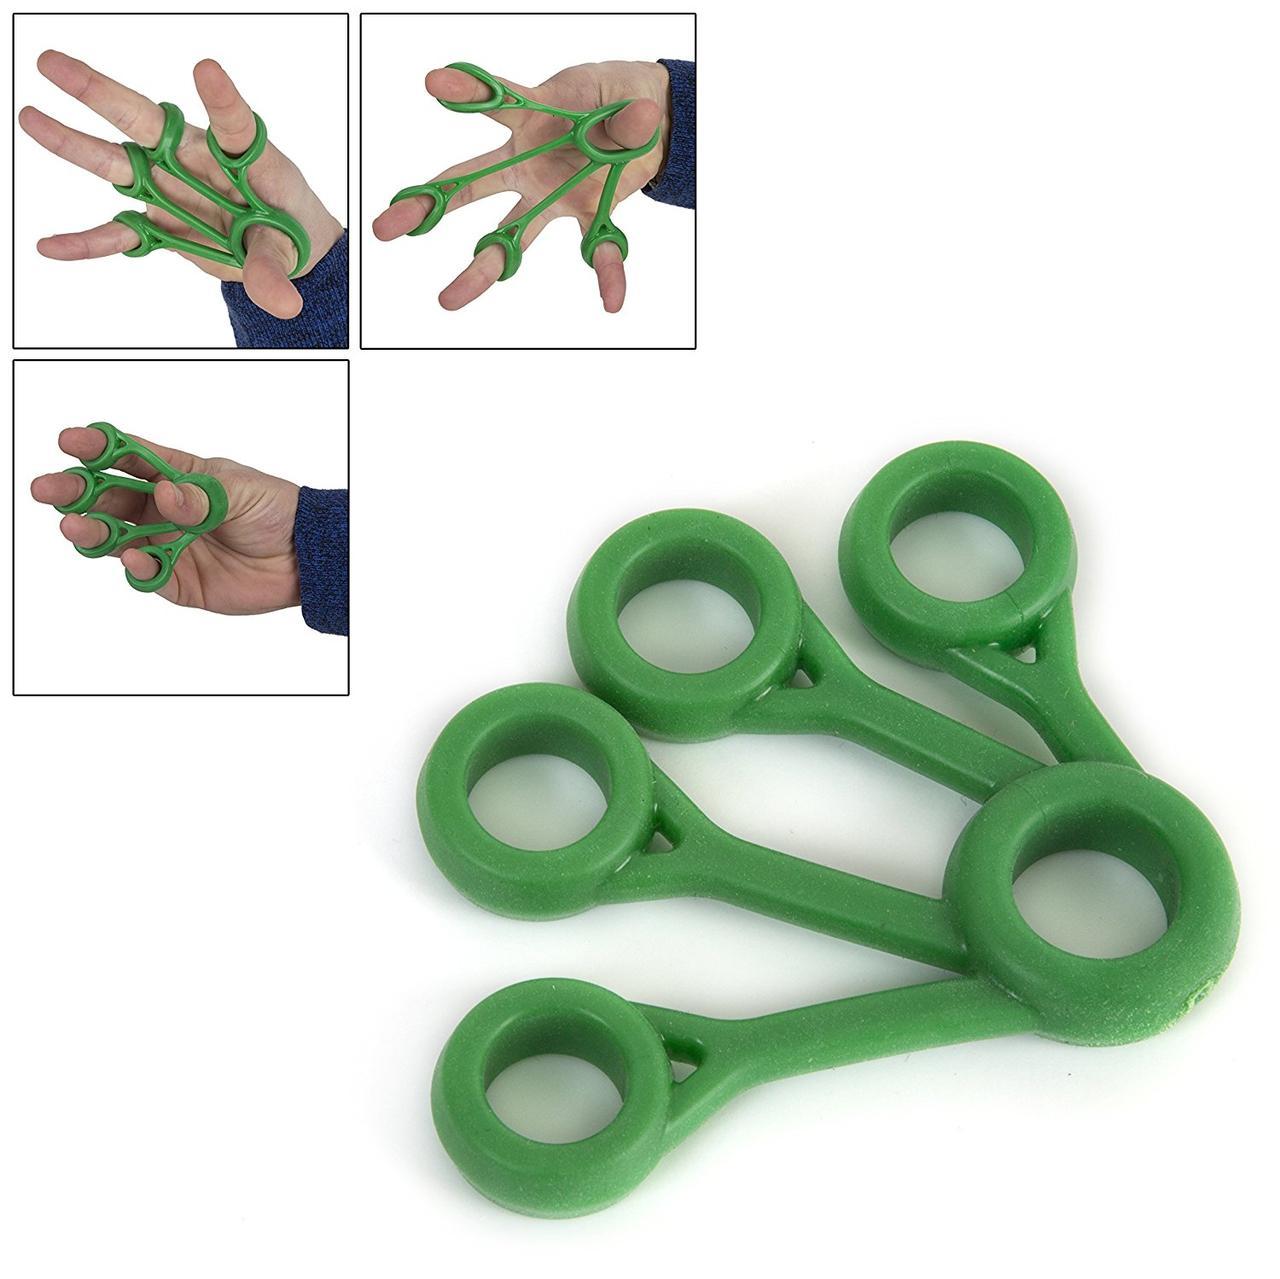 Пальчиковый тренажер OS014 Medium (зеленый)